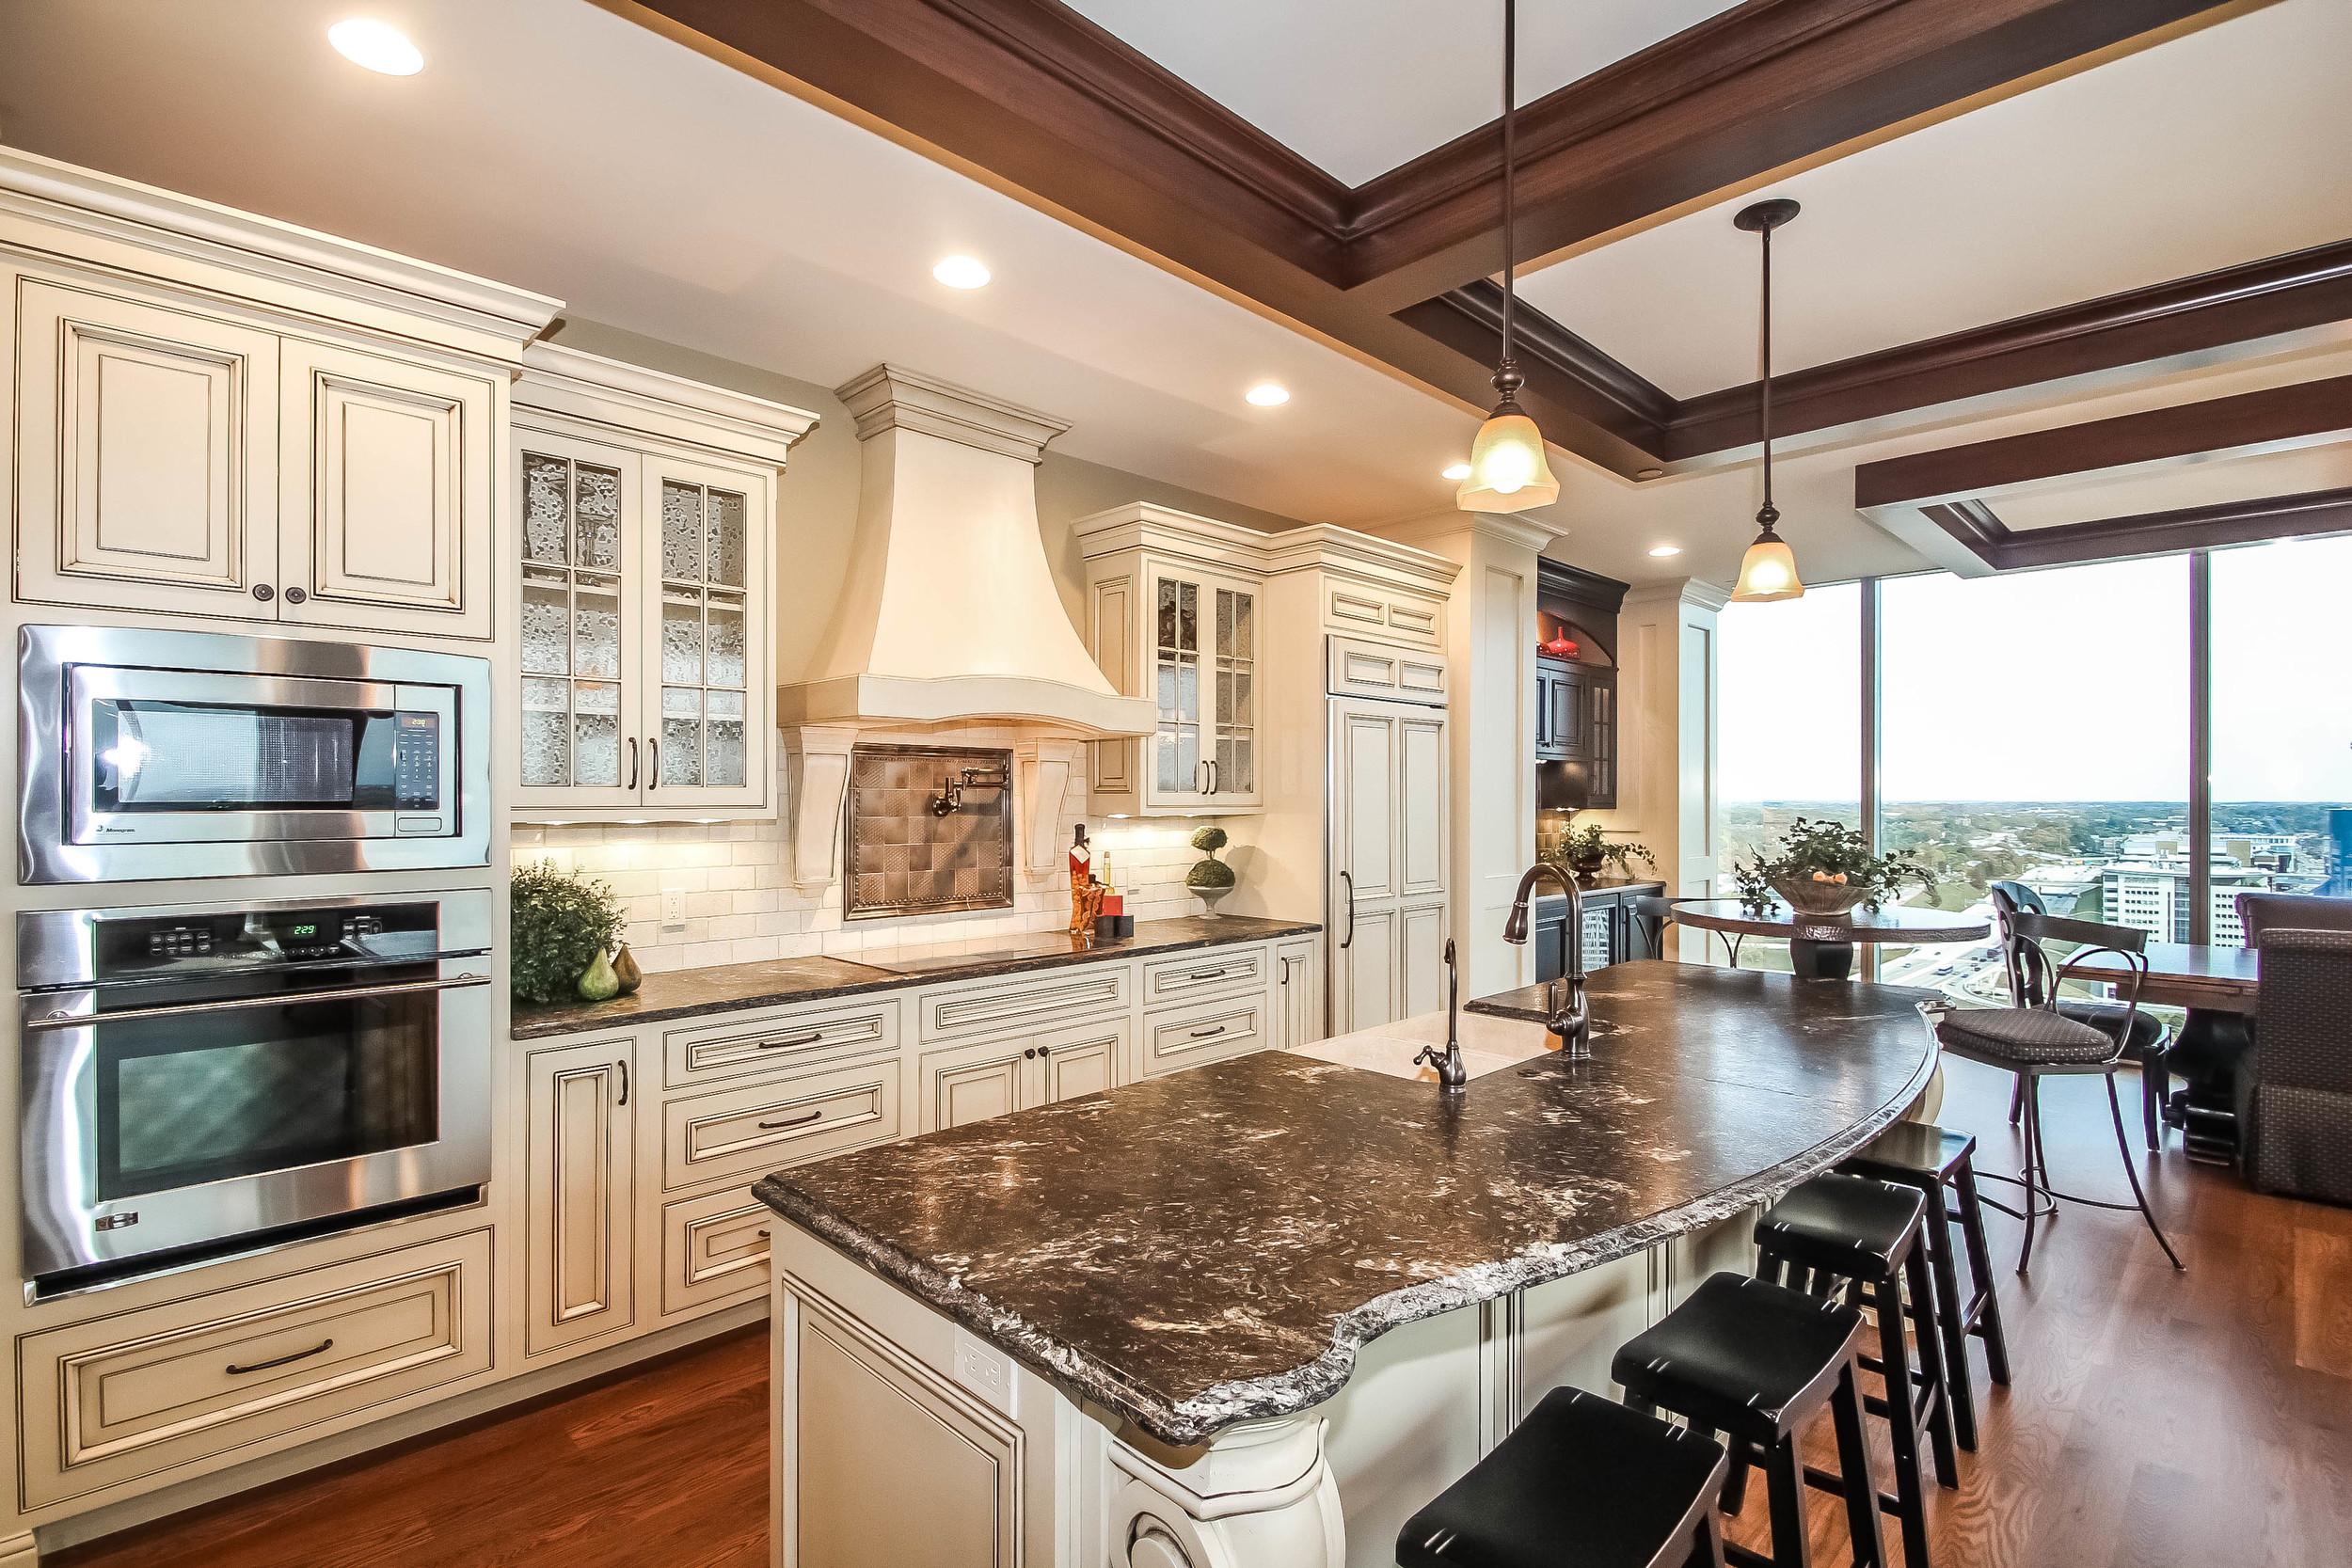 kitchen-p470242.jpg